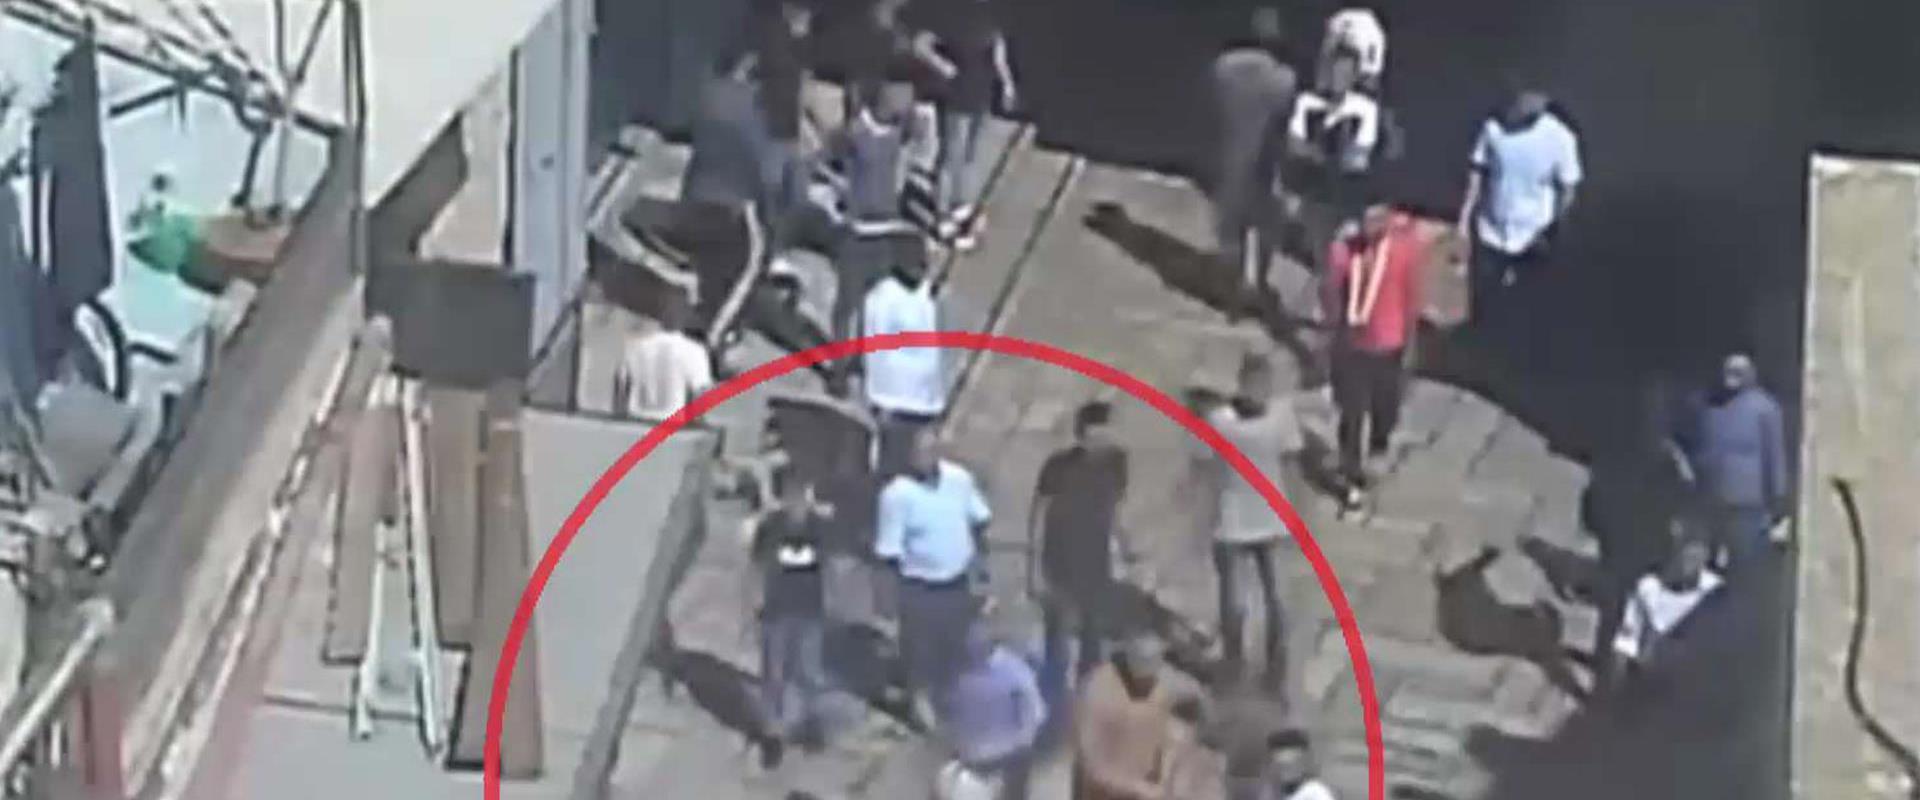 צילום מסך מתוך תיעוד התקיפה, אוגוסט 2019